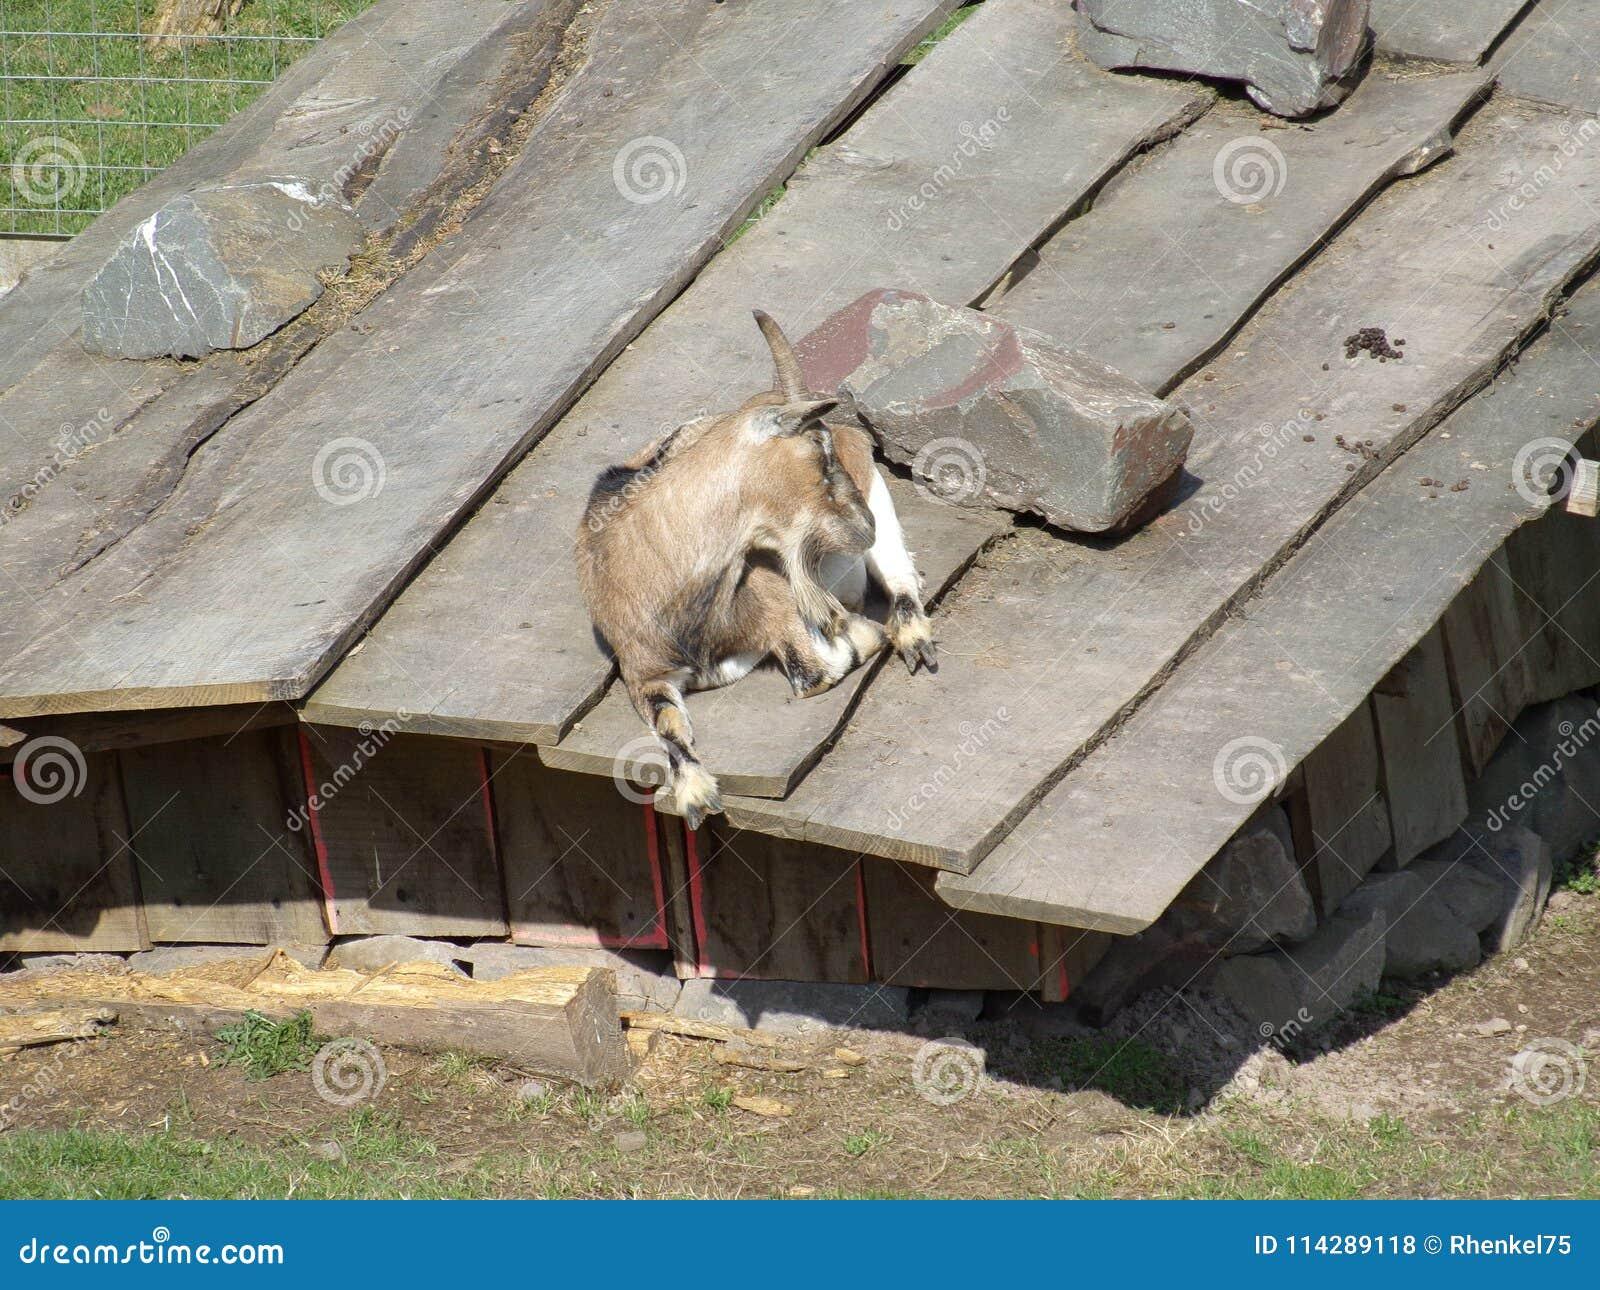 Les eines de DEM Dach de forces d appoint de Ziege kleinen le bzw de stalles Unterstand/chèvre sur le toit d une petite écurie